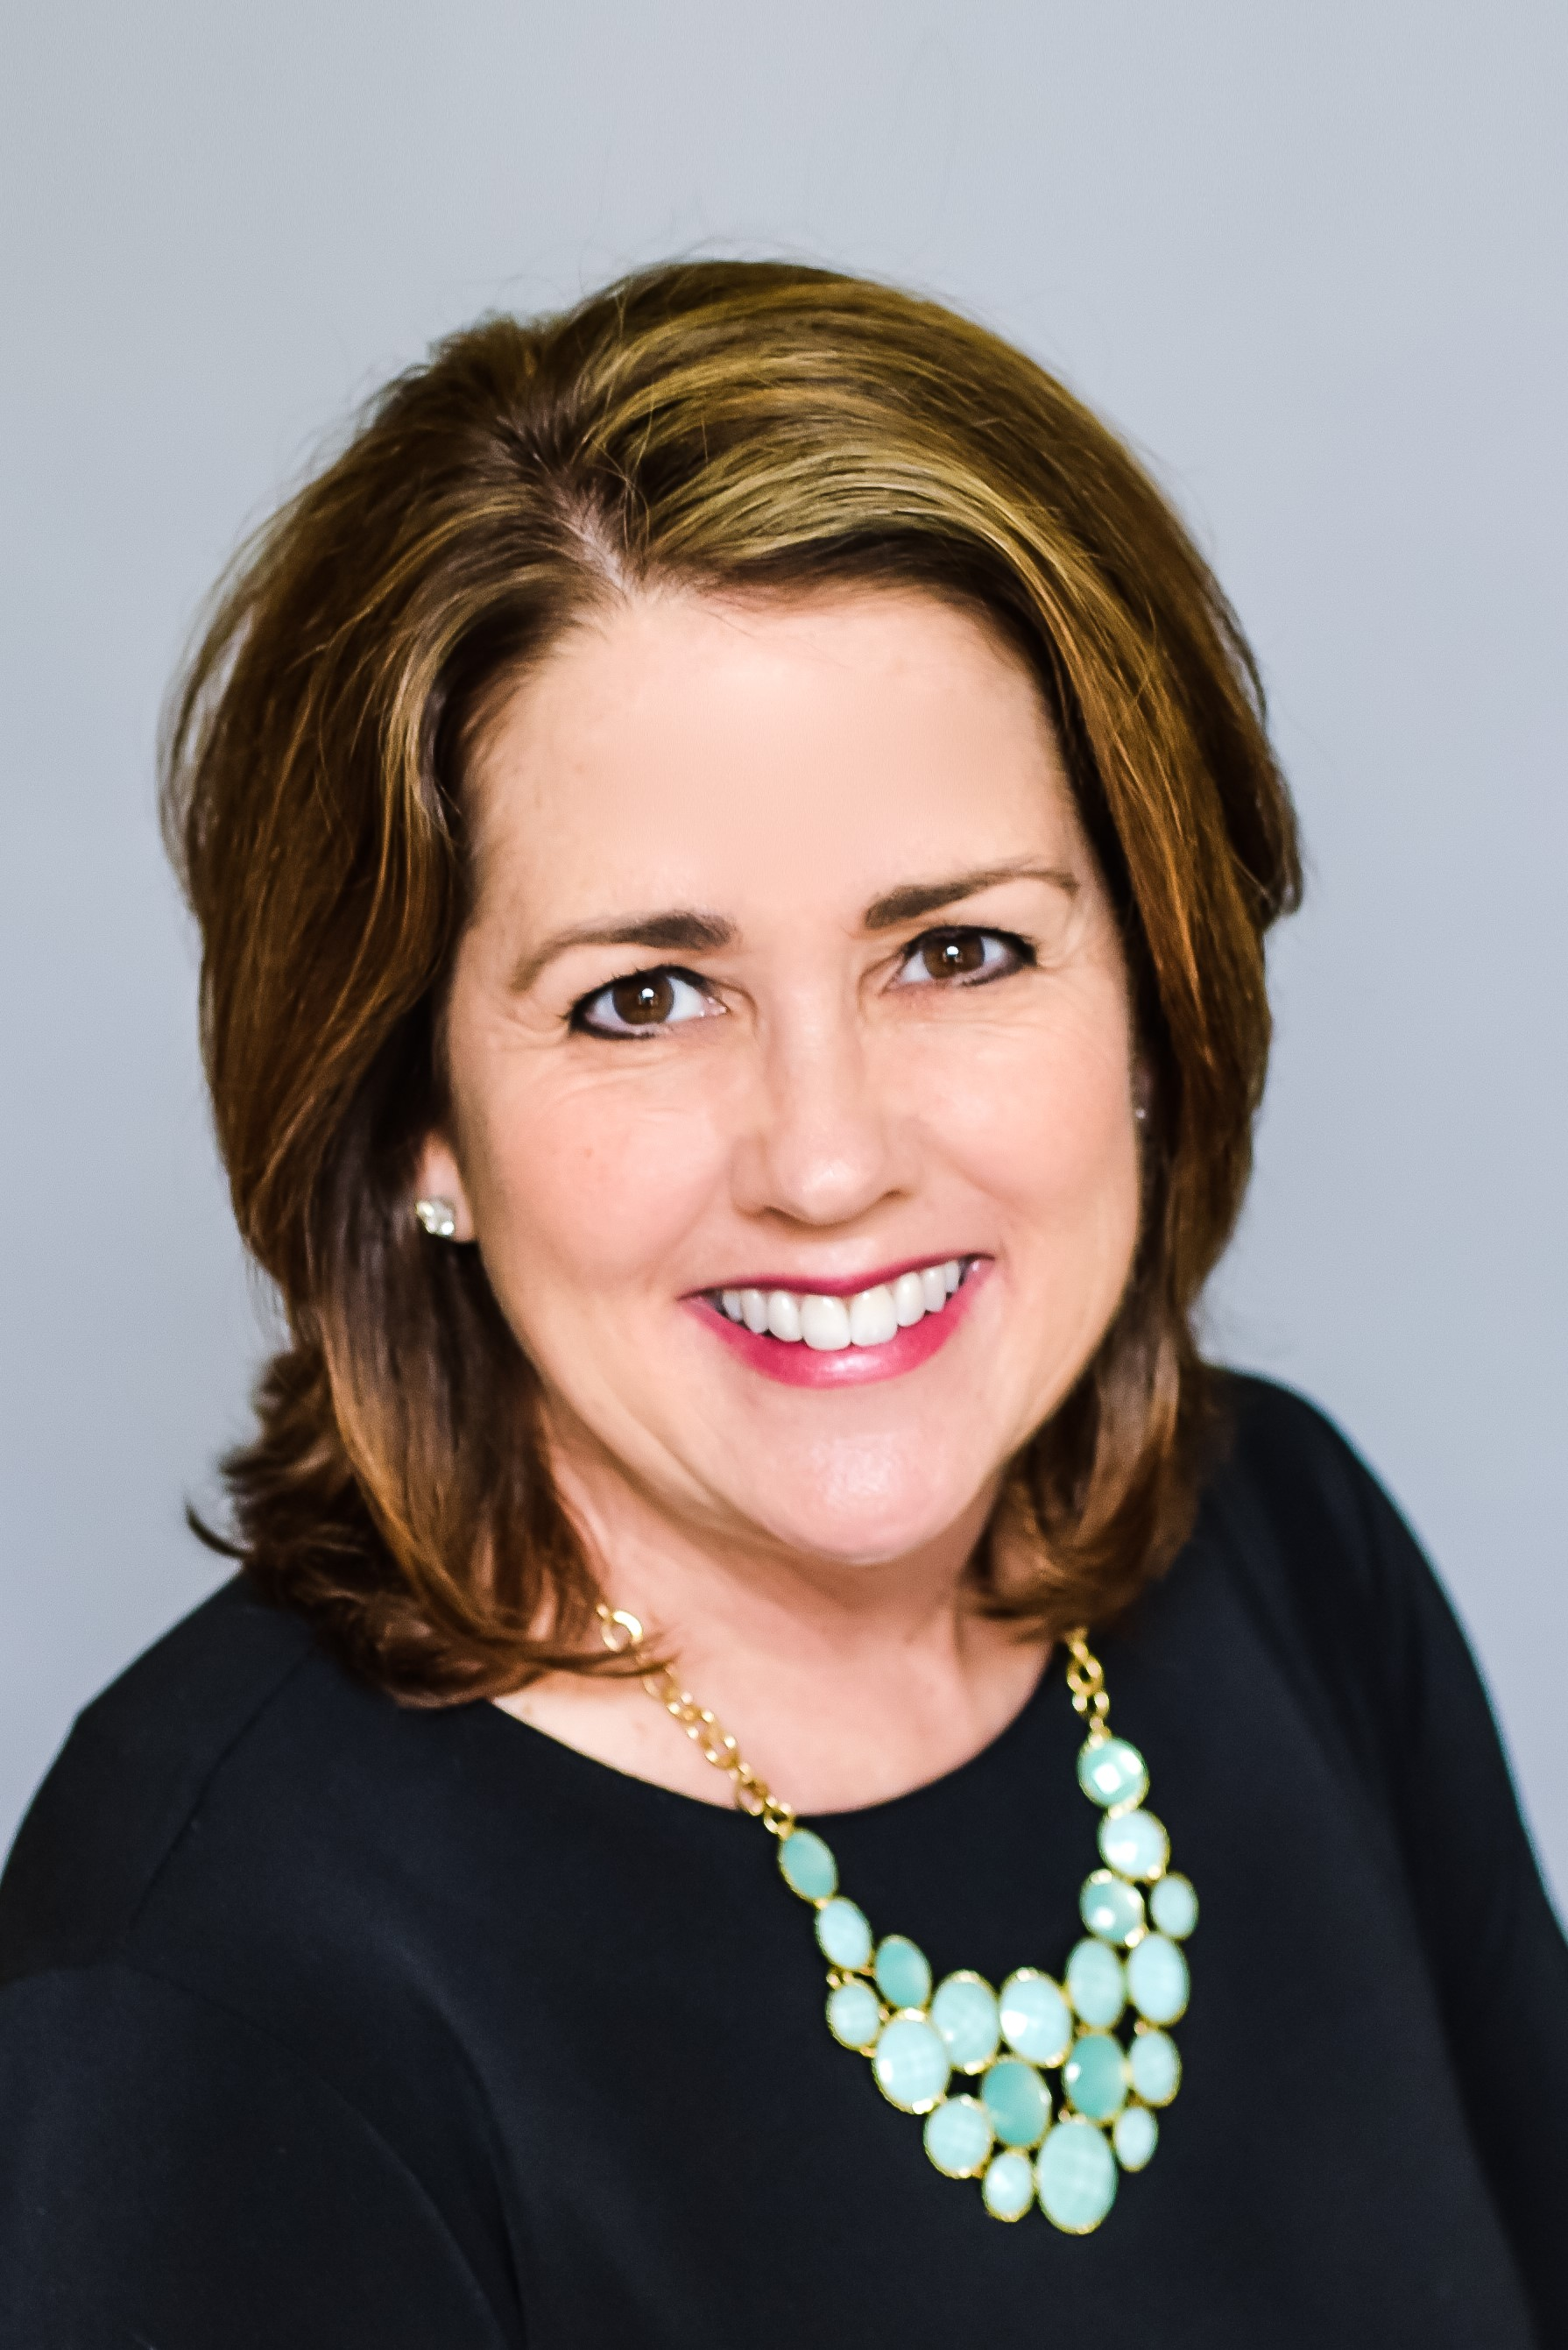 Sue Betulius, Real Estate Agent - Naperville, IL ...